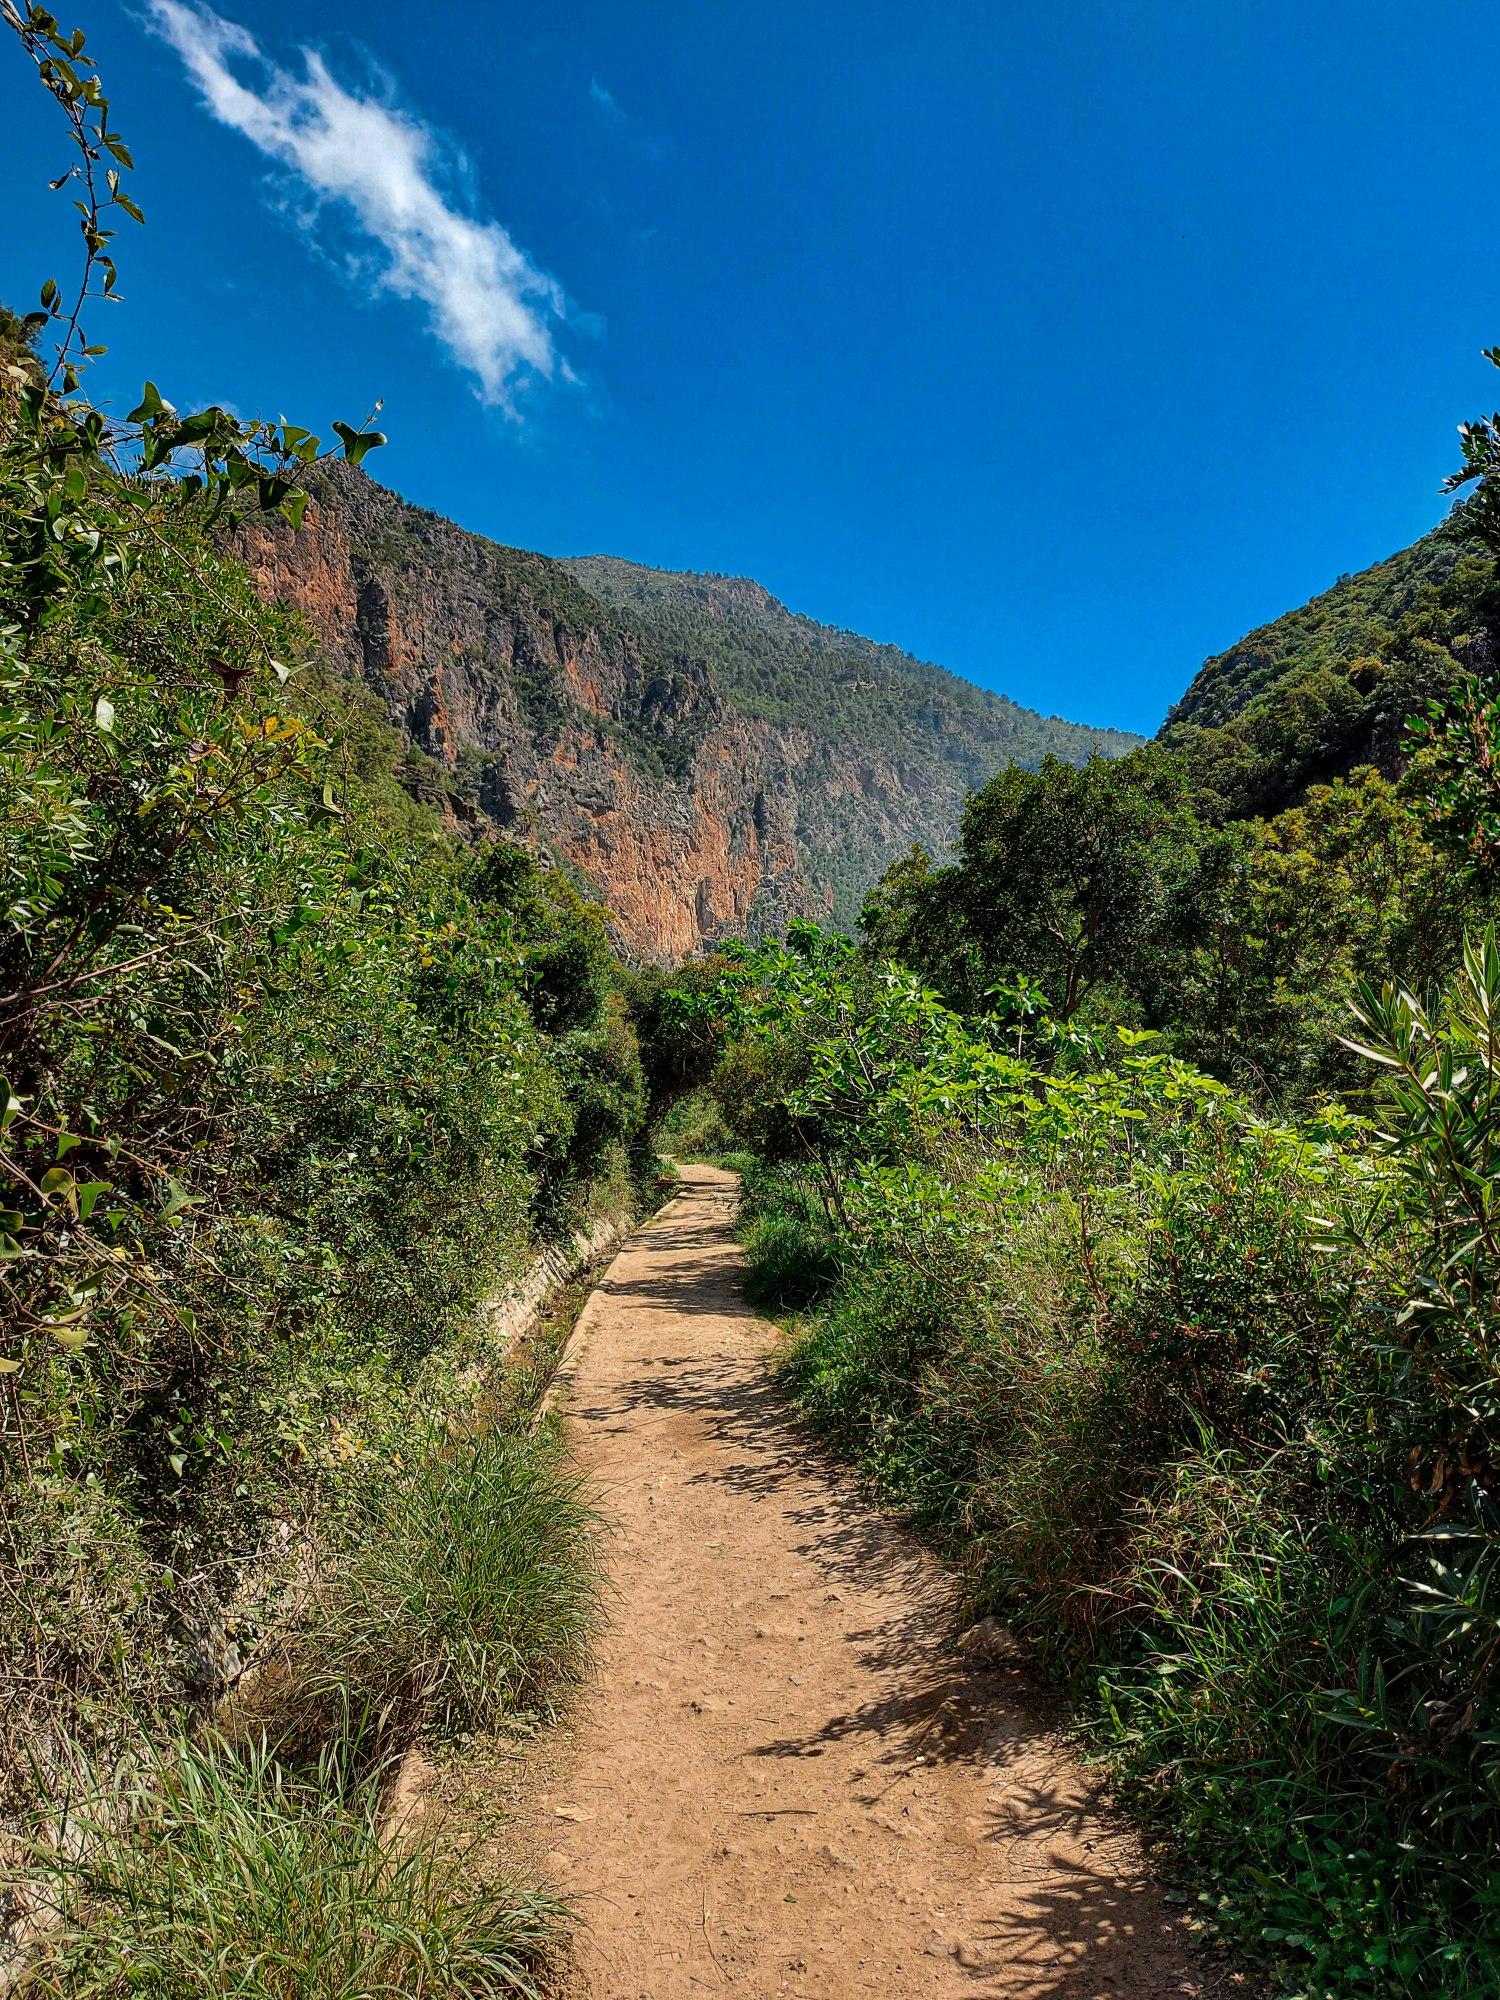 Un sentier au milieu de la forêt verdoyante sous un beau ciel bleu de printemps à Akchour